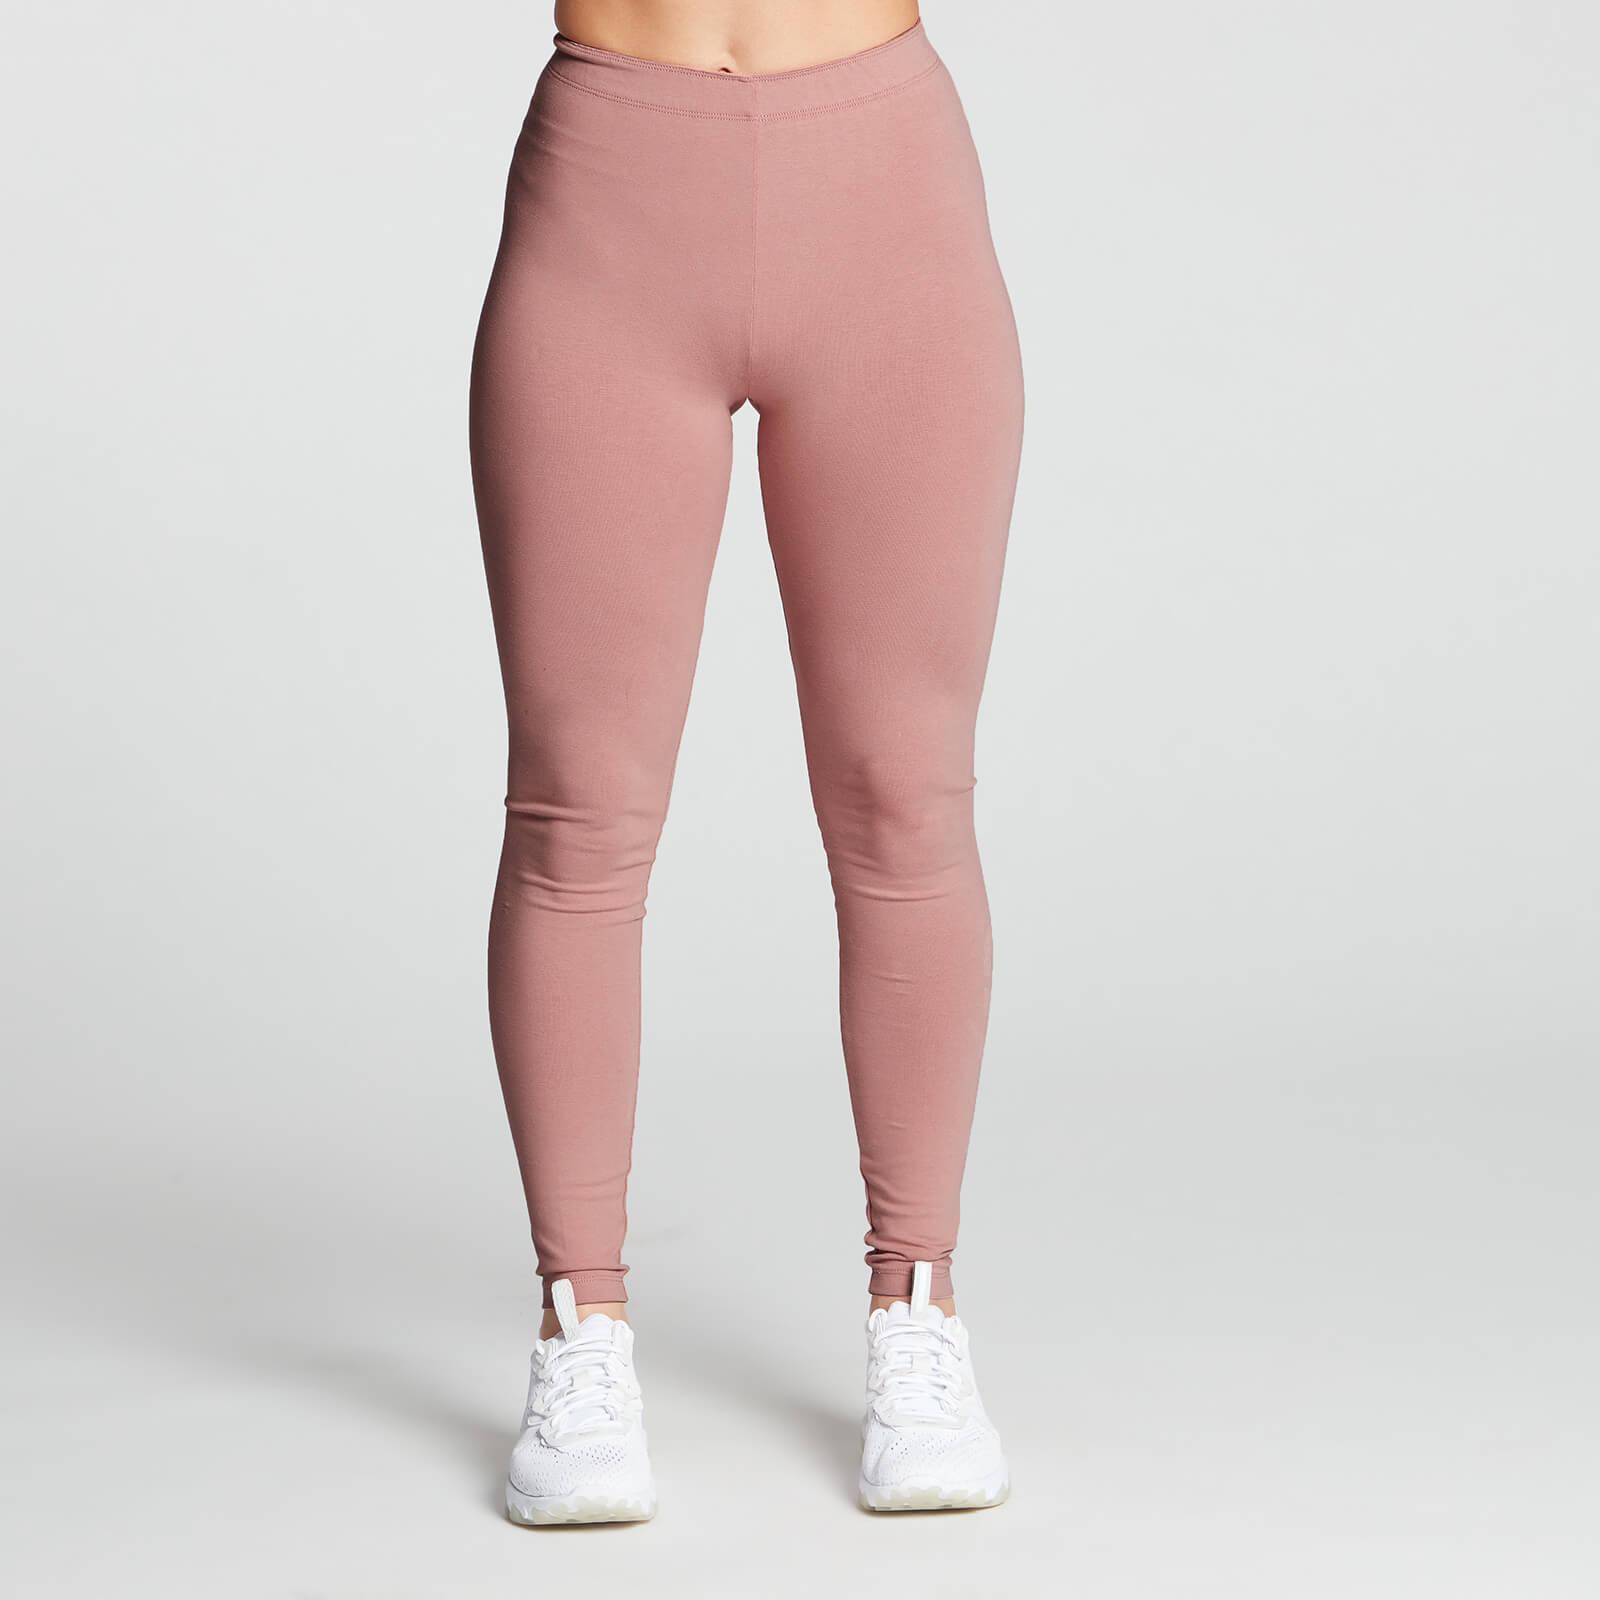 Купить MP Women's Gradient Line Graphic Legging - Washed Pink - XXL, Myprotein International